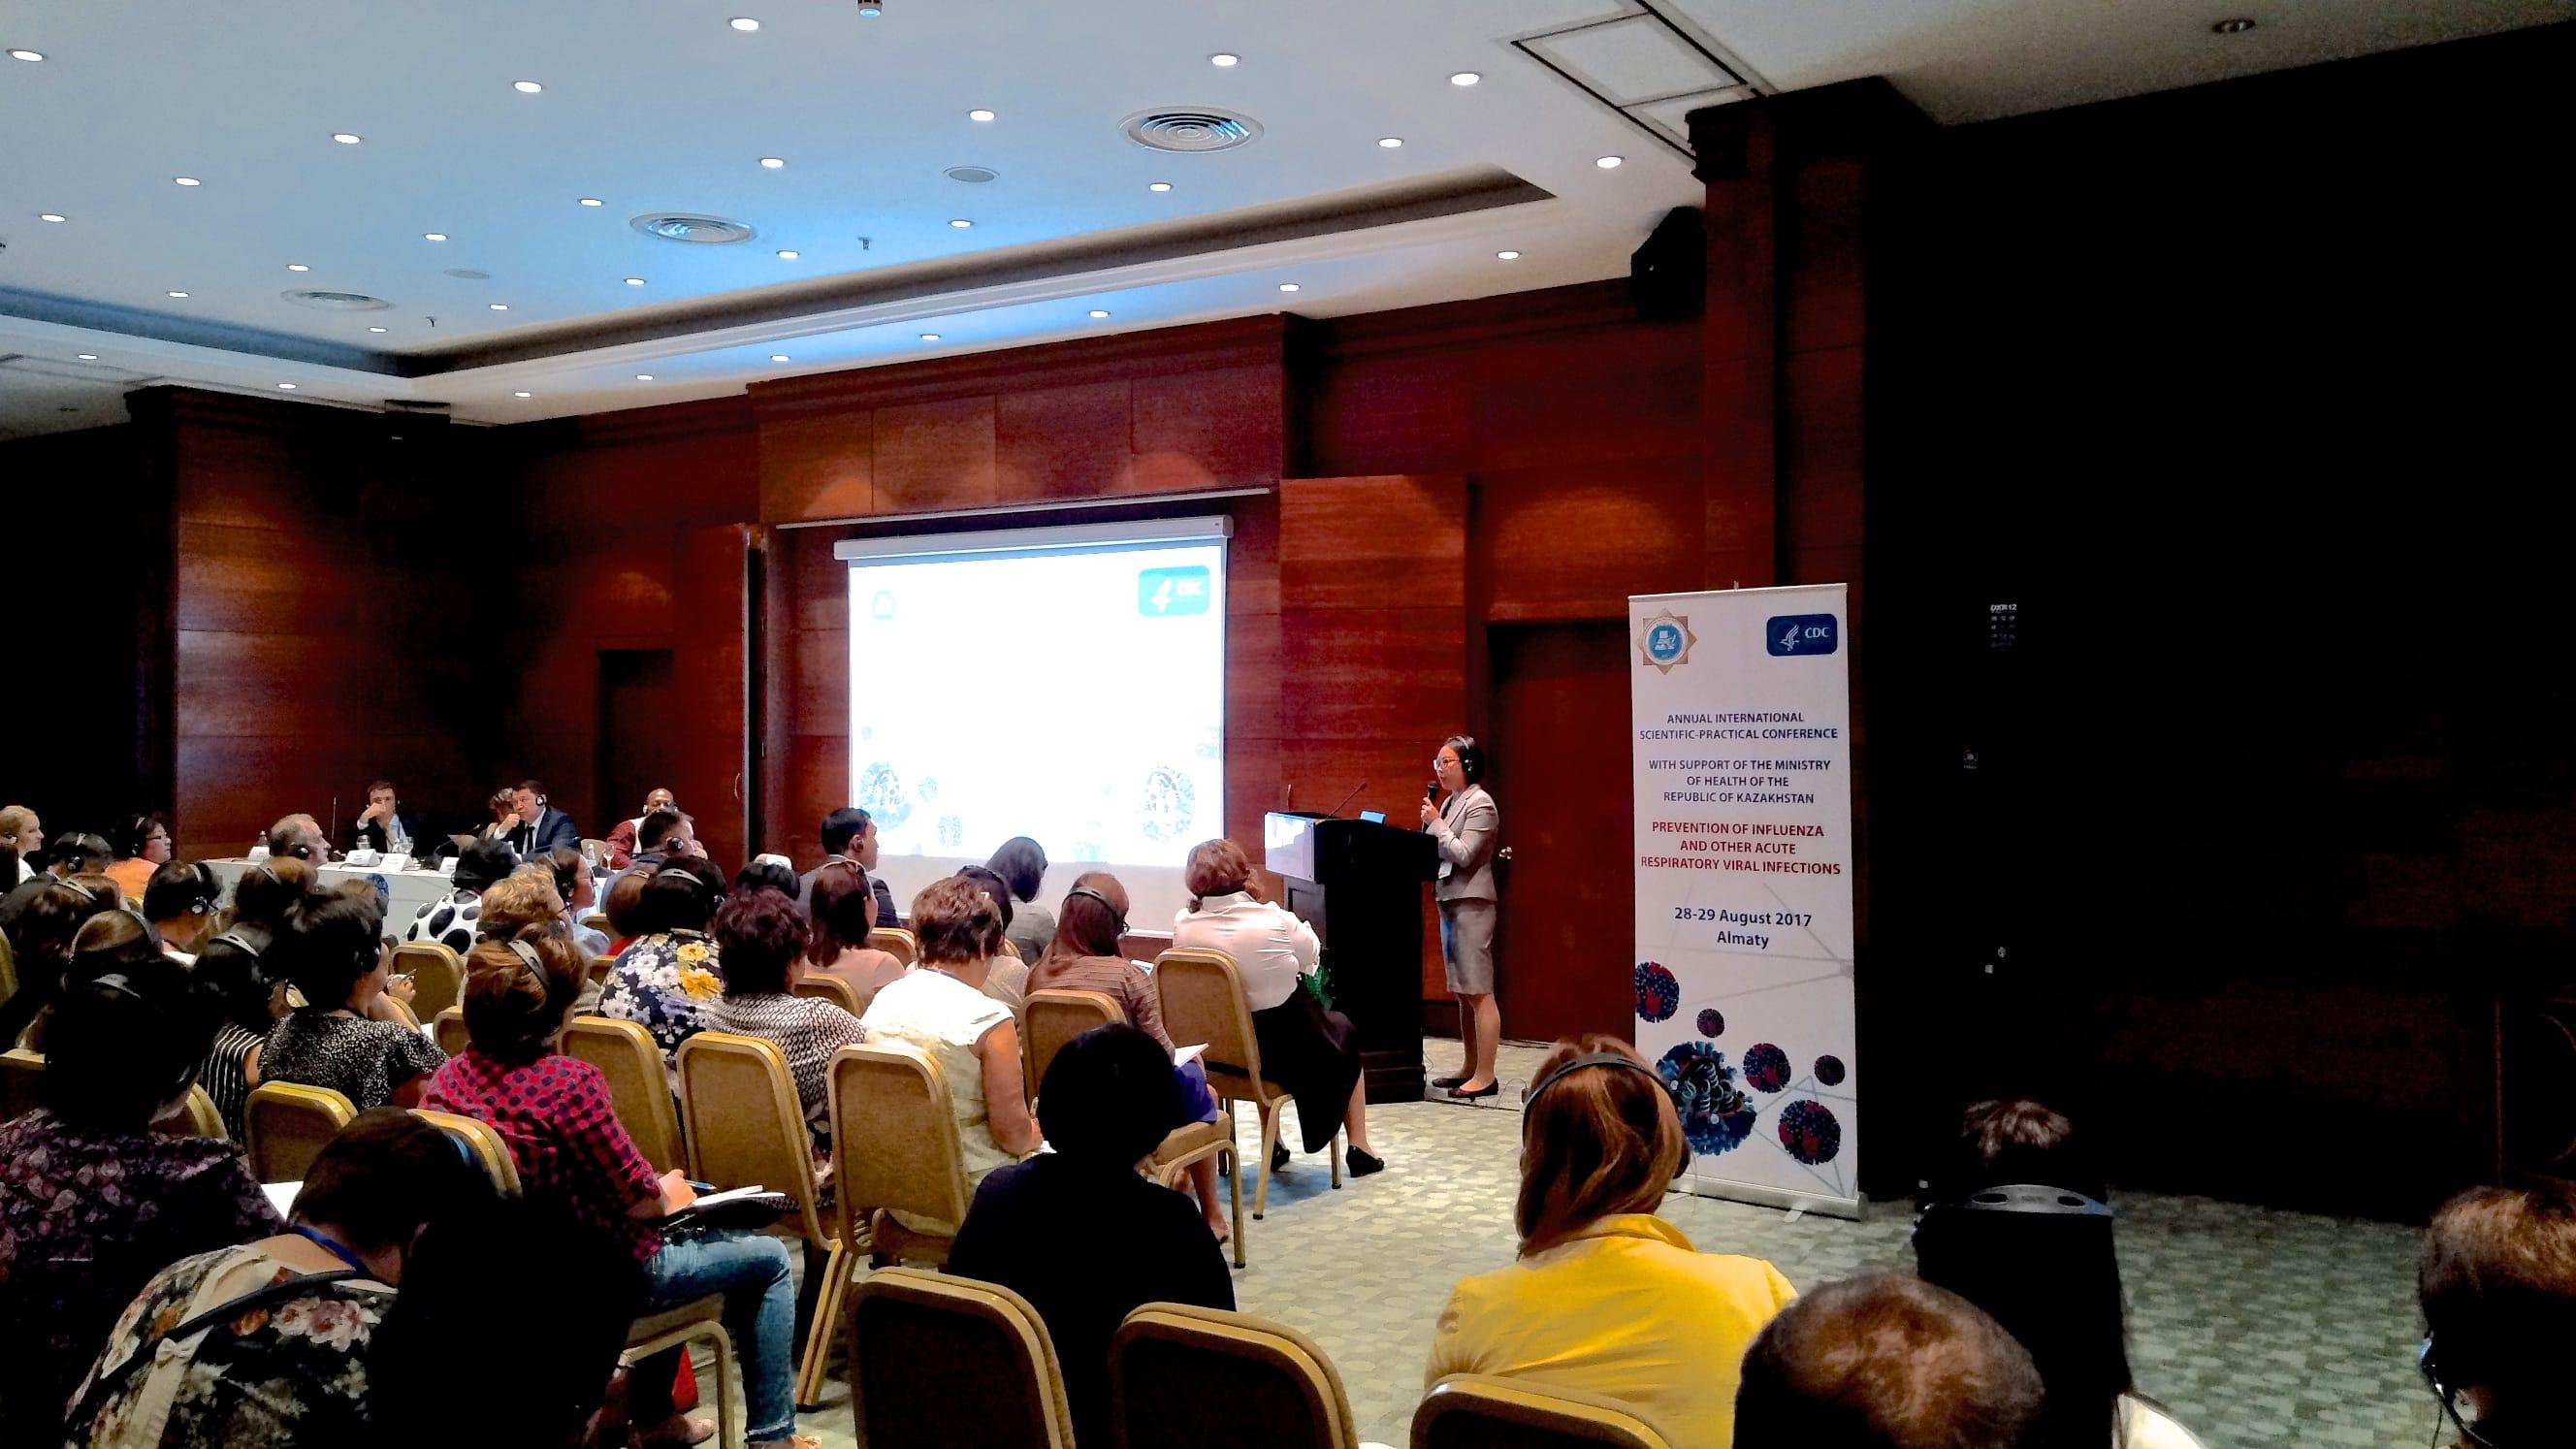 28-29 августа 2017 года в Алматы прошла международная научно-практическая конференция «Профилактики гриппа и острых респираторных инфекций».